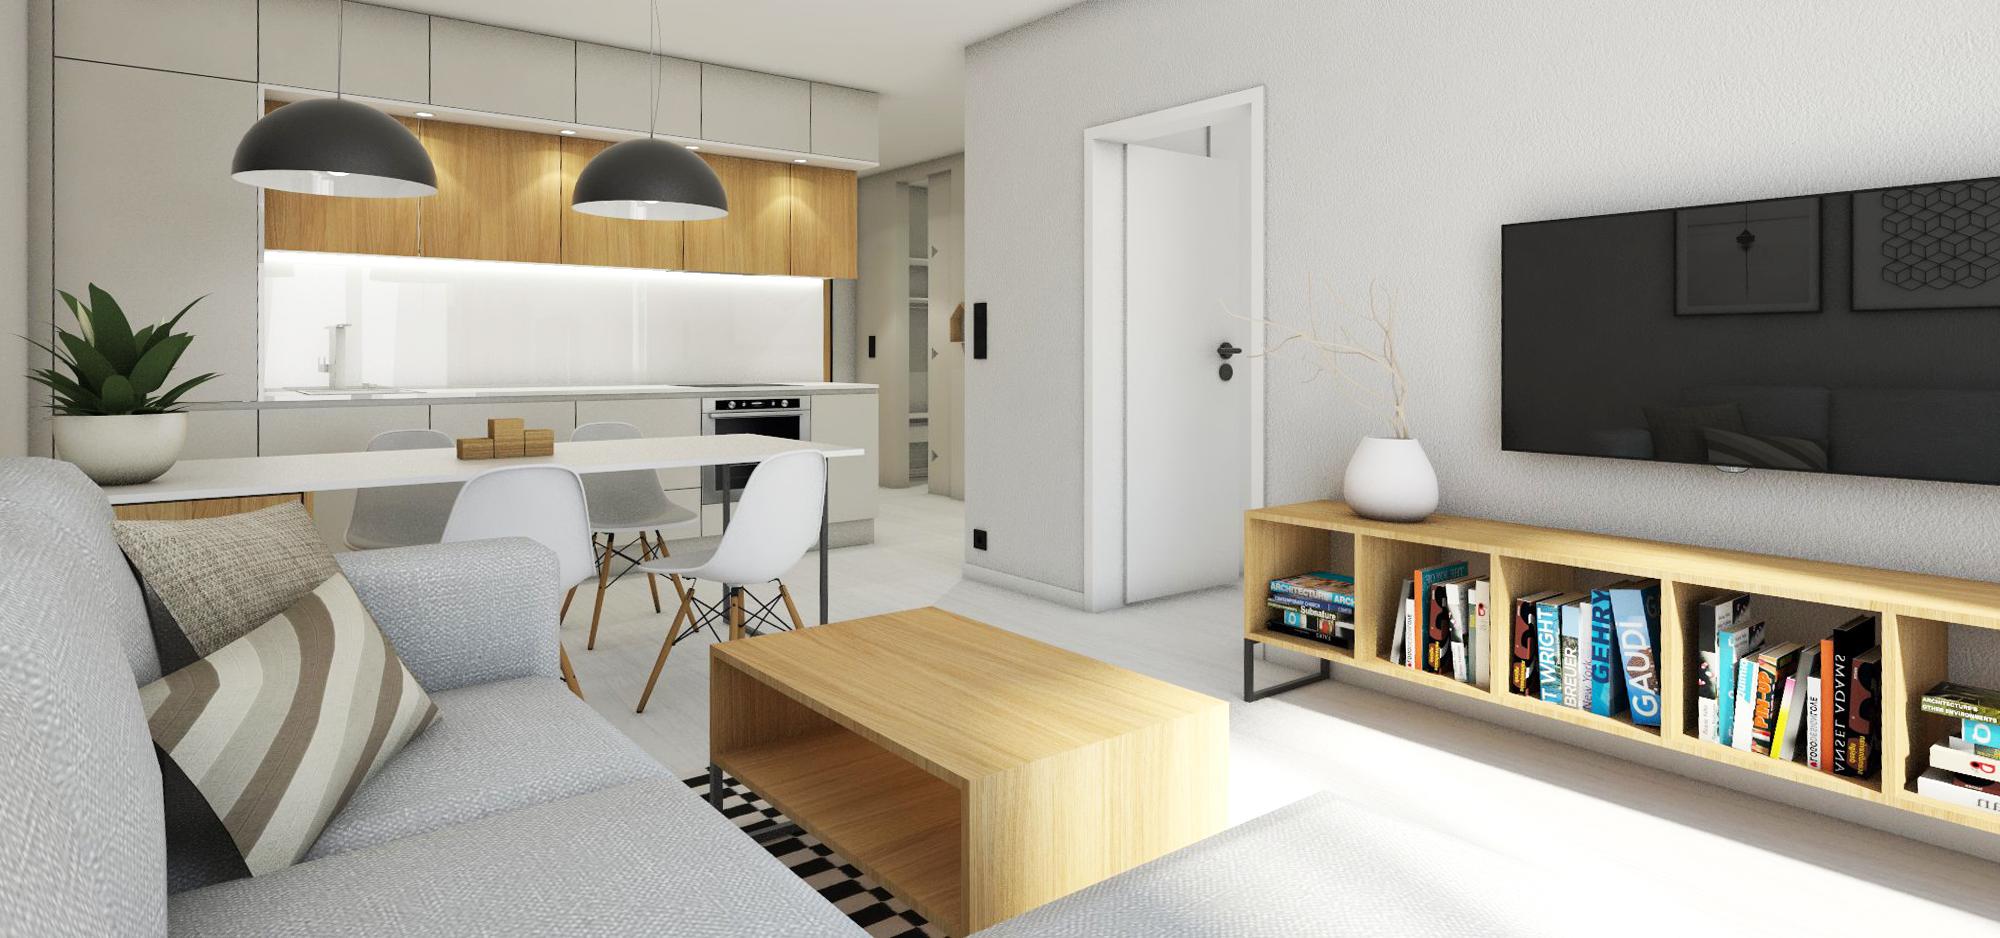 Dvojizbový byt v Jégeho Aleji IV